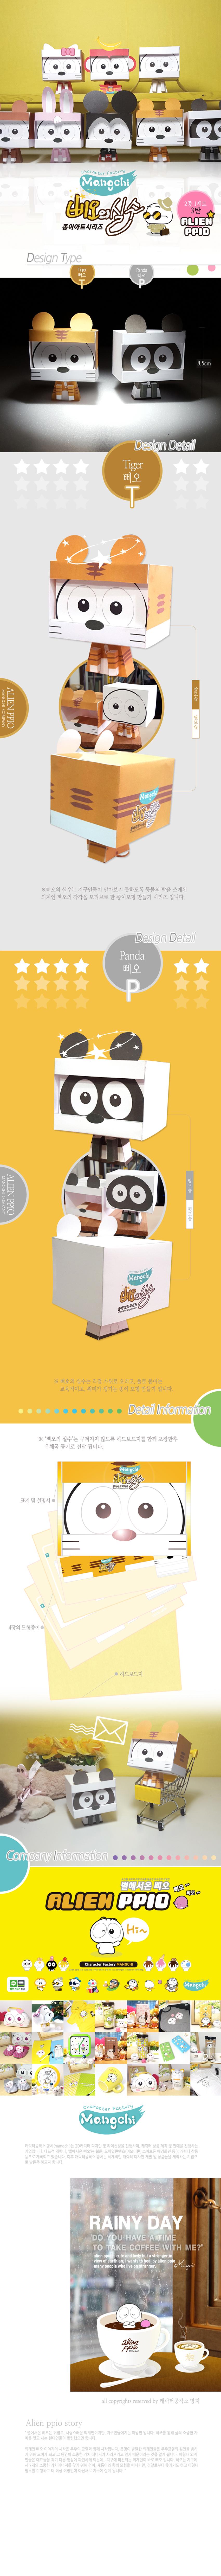 삐오의 실수 종이모형만들기 3탄 - 삐오, 2,500원, 페이퍼 토이, 캐릭터